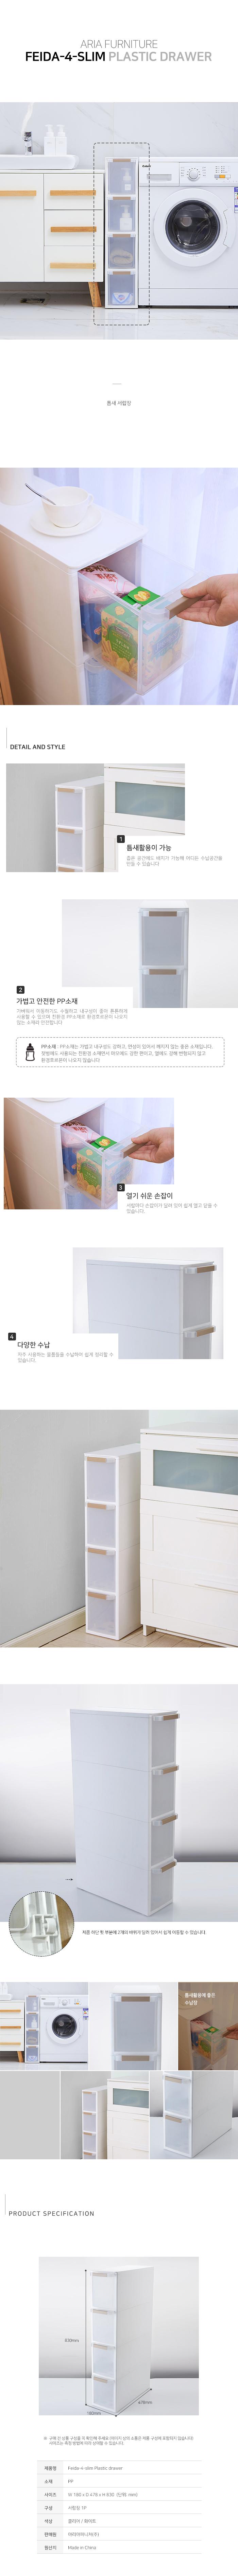 Feida-4-slim-Plastic-drawer.jpg